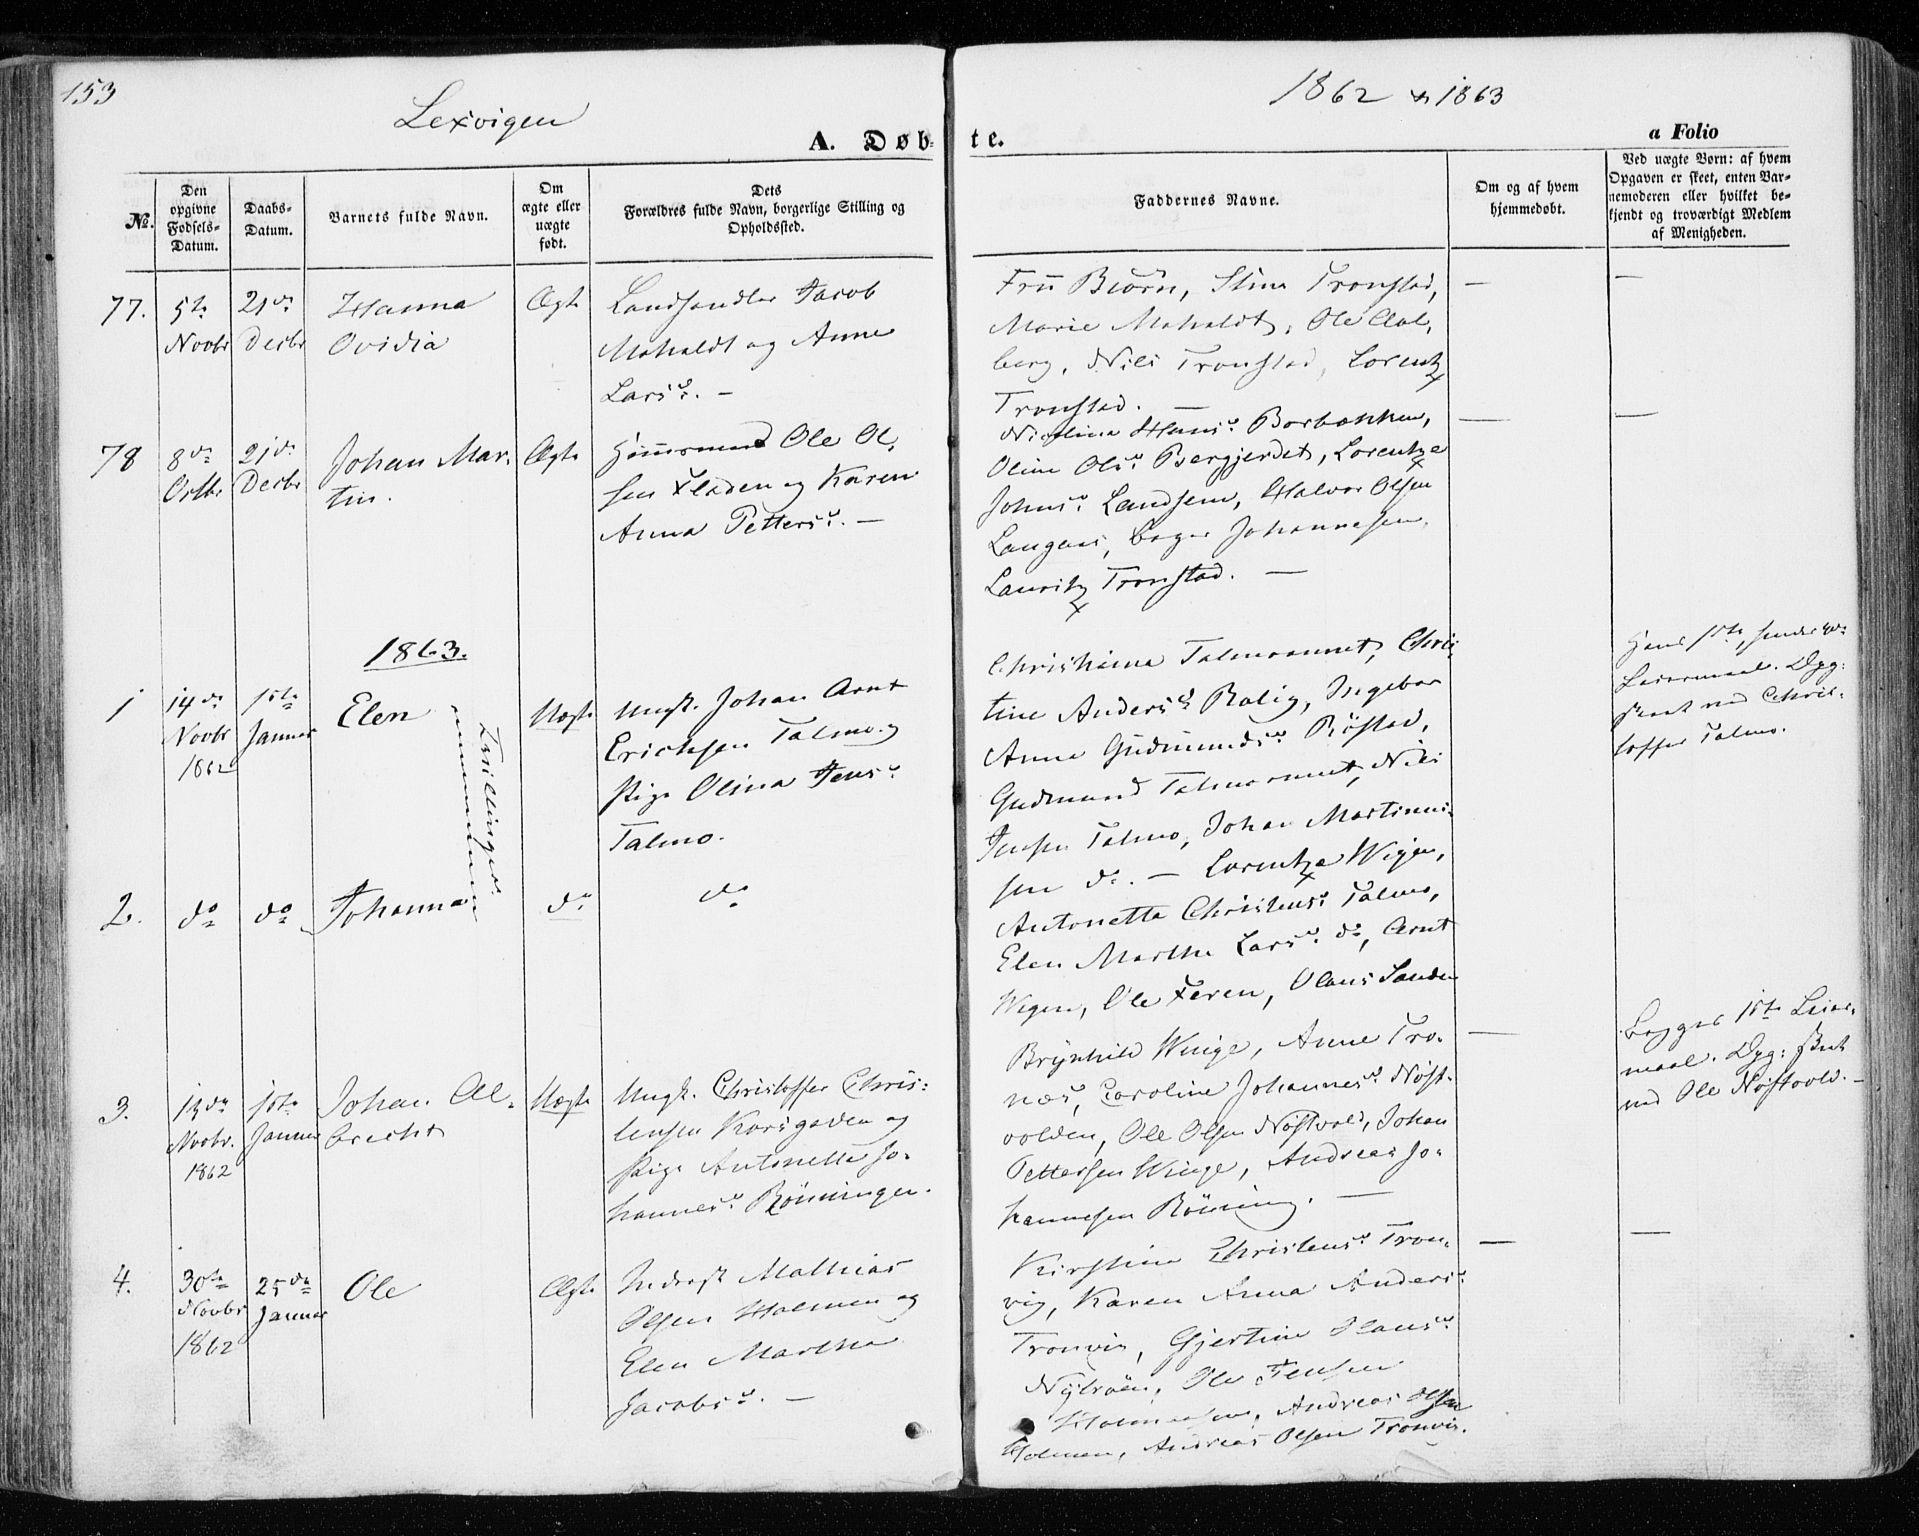 SAT, Ministerialprotokoller, klokkerbøker og fødselsregistre - Nord-Trøndelag, 701/L0008: Ministerialbok nr. 701A08 /1, 1854-1863, s. 153